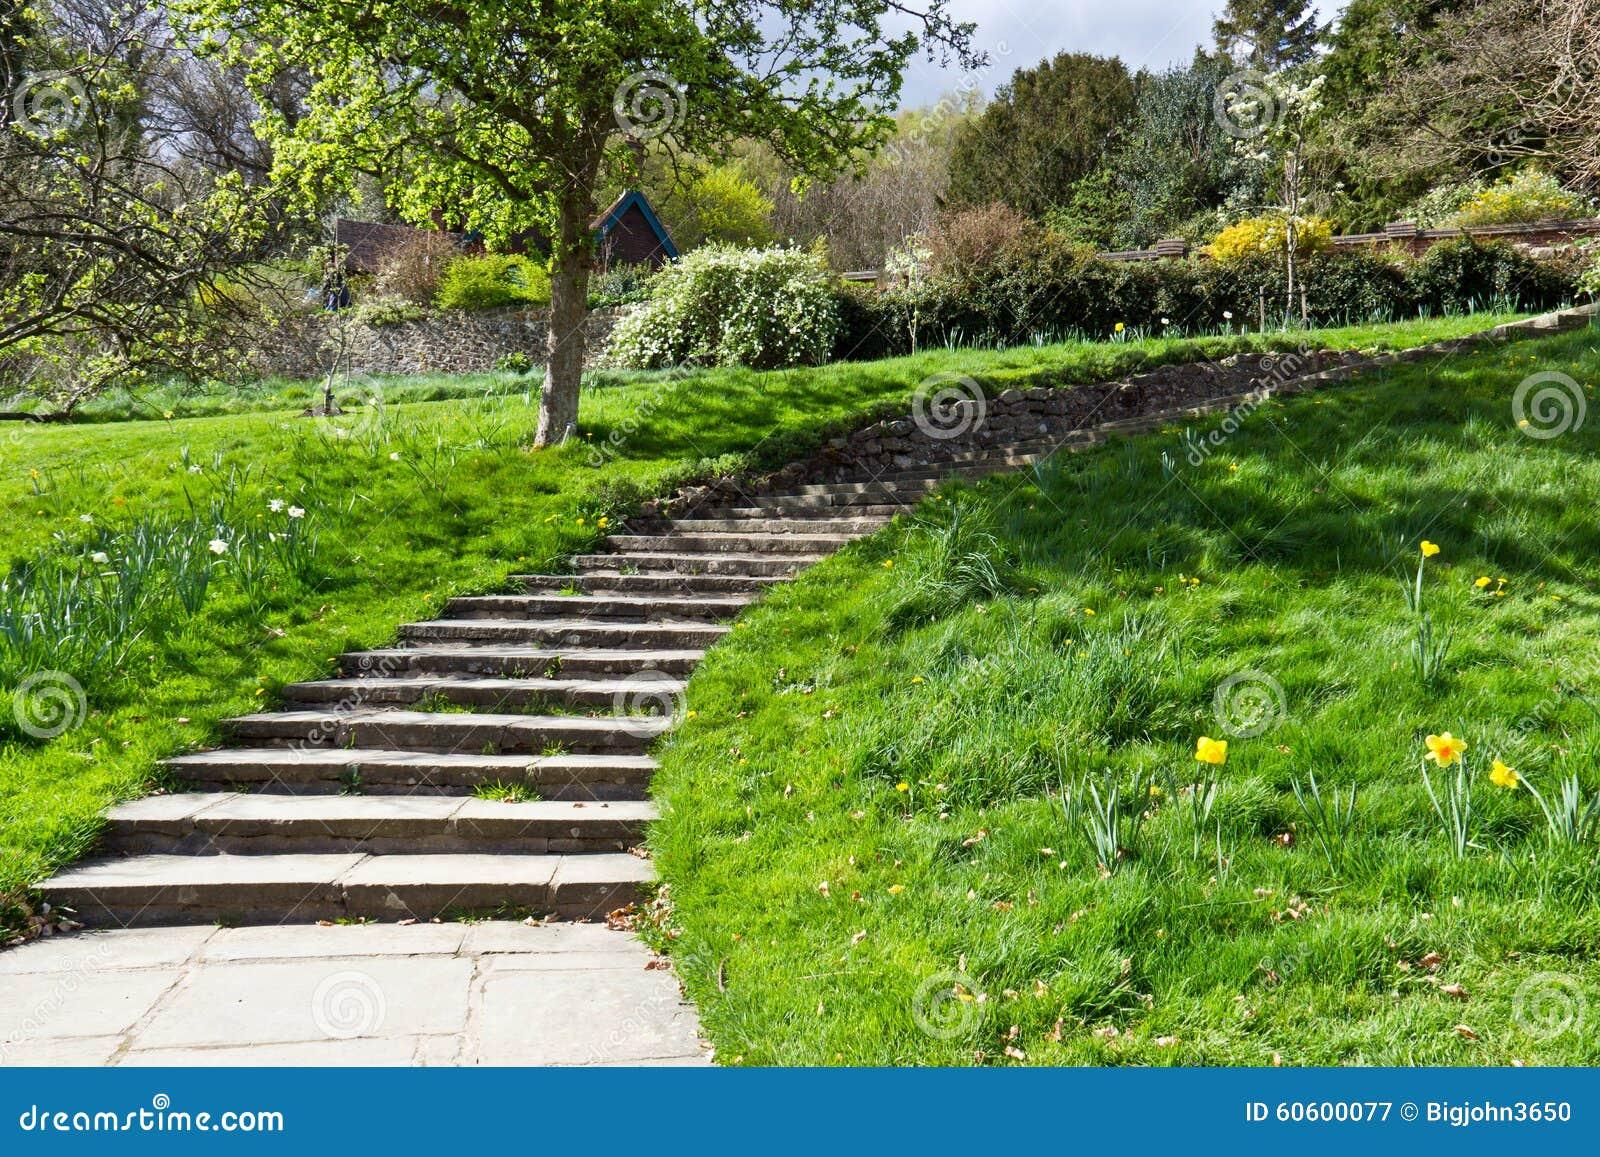 Percorso di camminata con le scale nel giardino verde fotografia stock immagine 60600077 - Scale da giardino ...